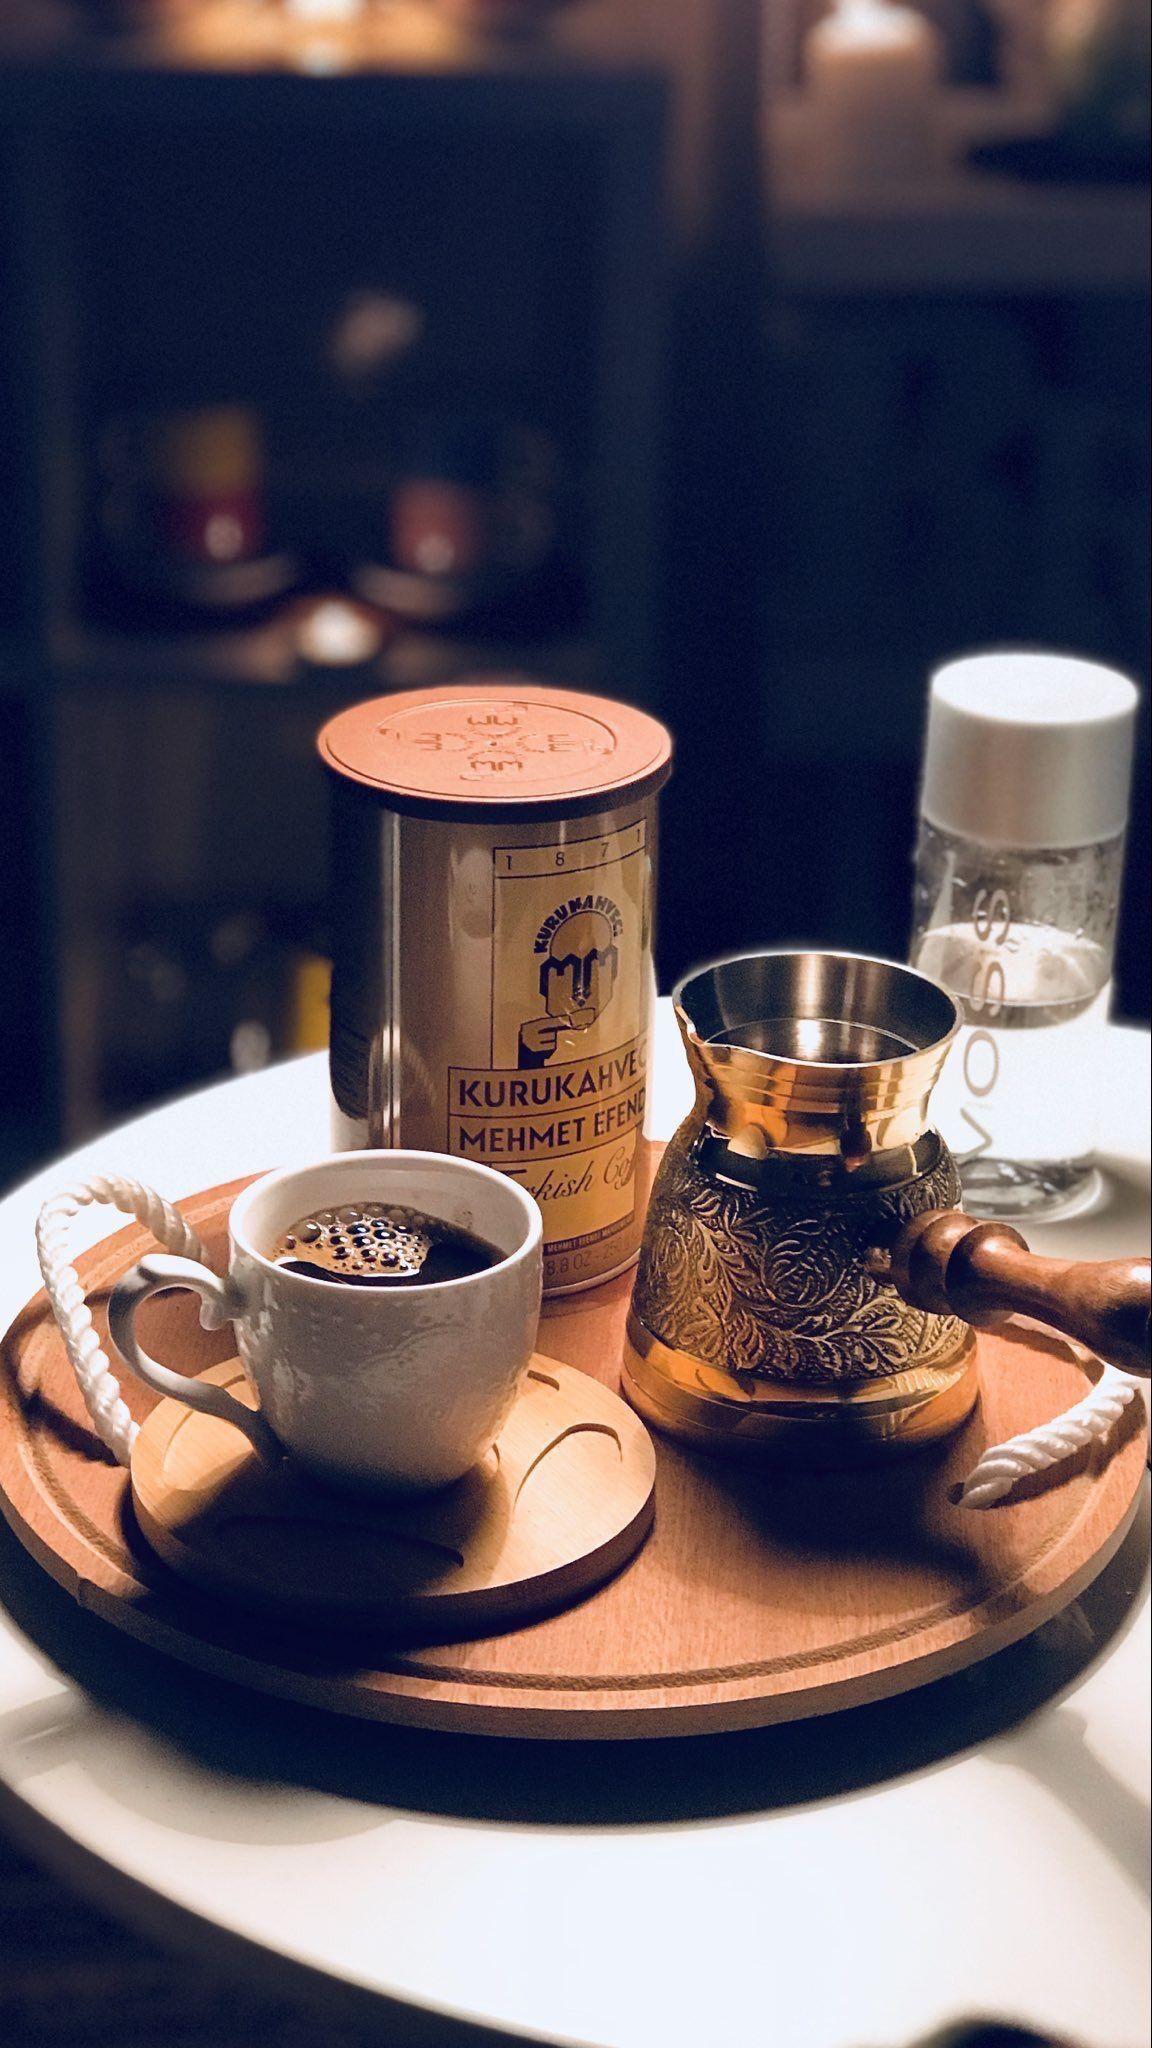 وفي كوب القهوة حياة من الجمال Coffee Latte Art Coffee Breakfast Coffee Time